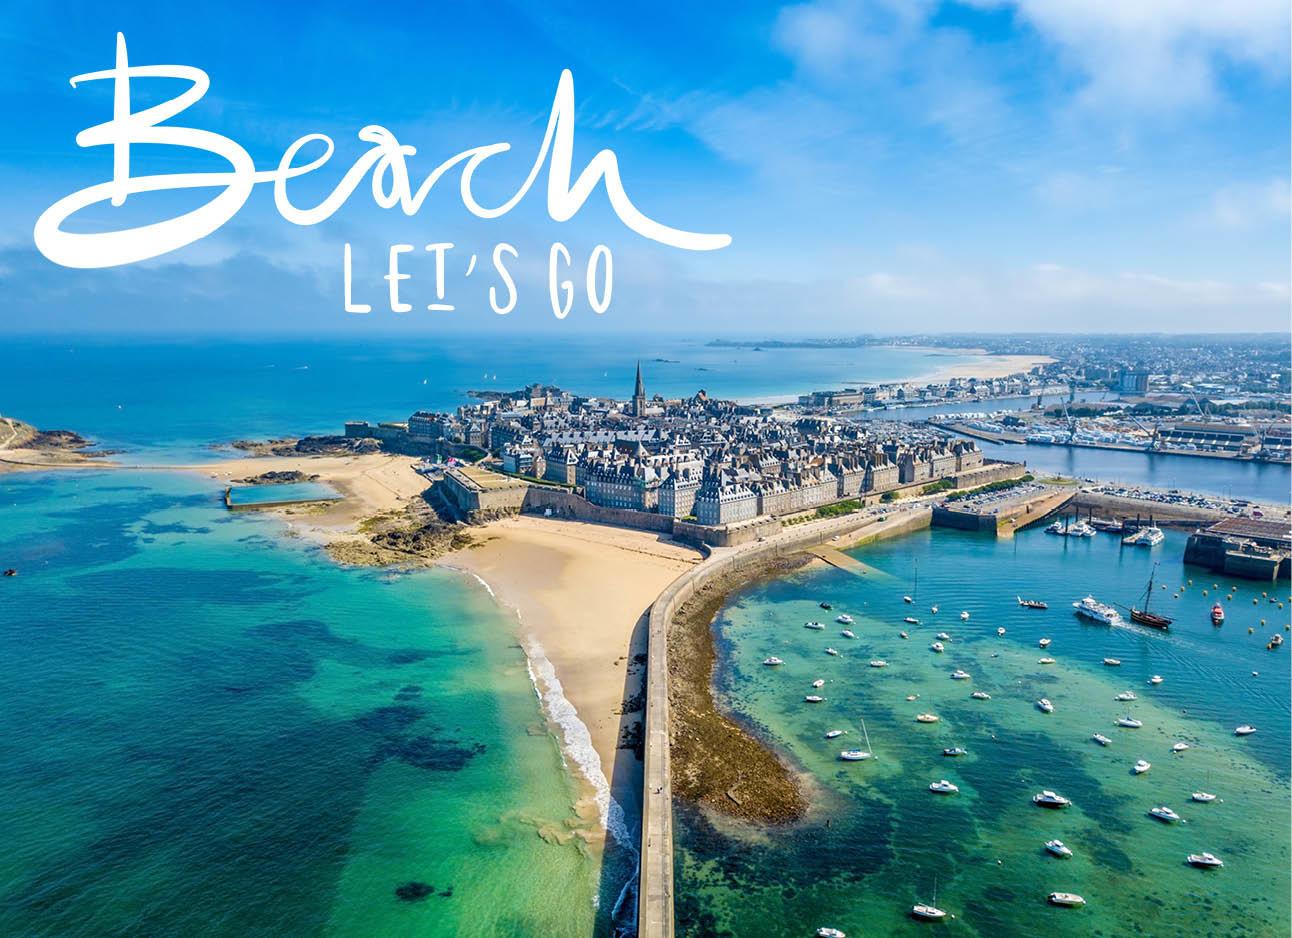 Franse kustplaatsjes